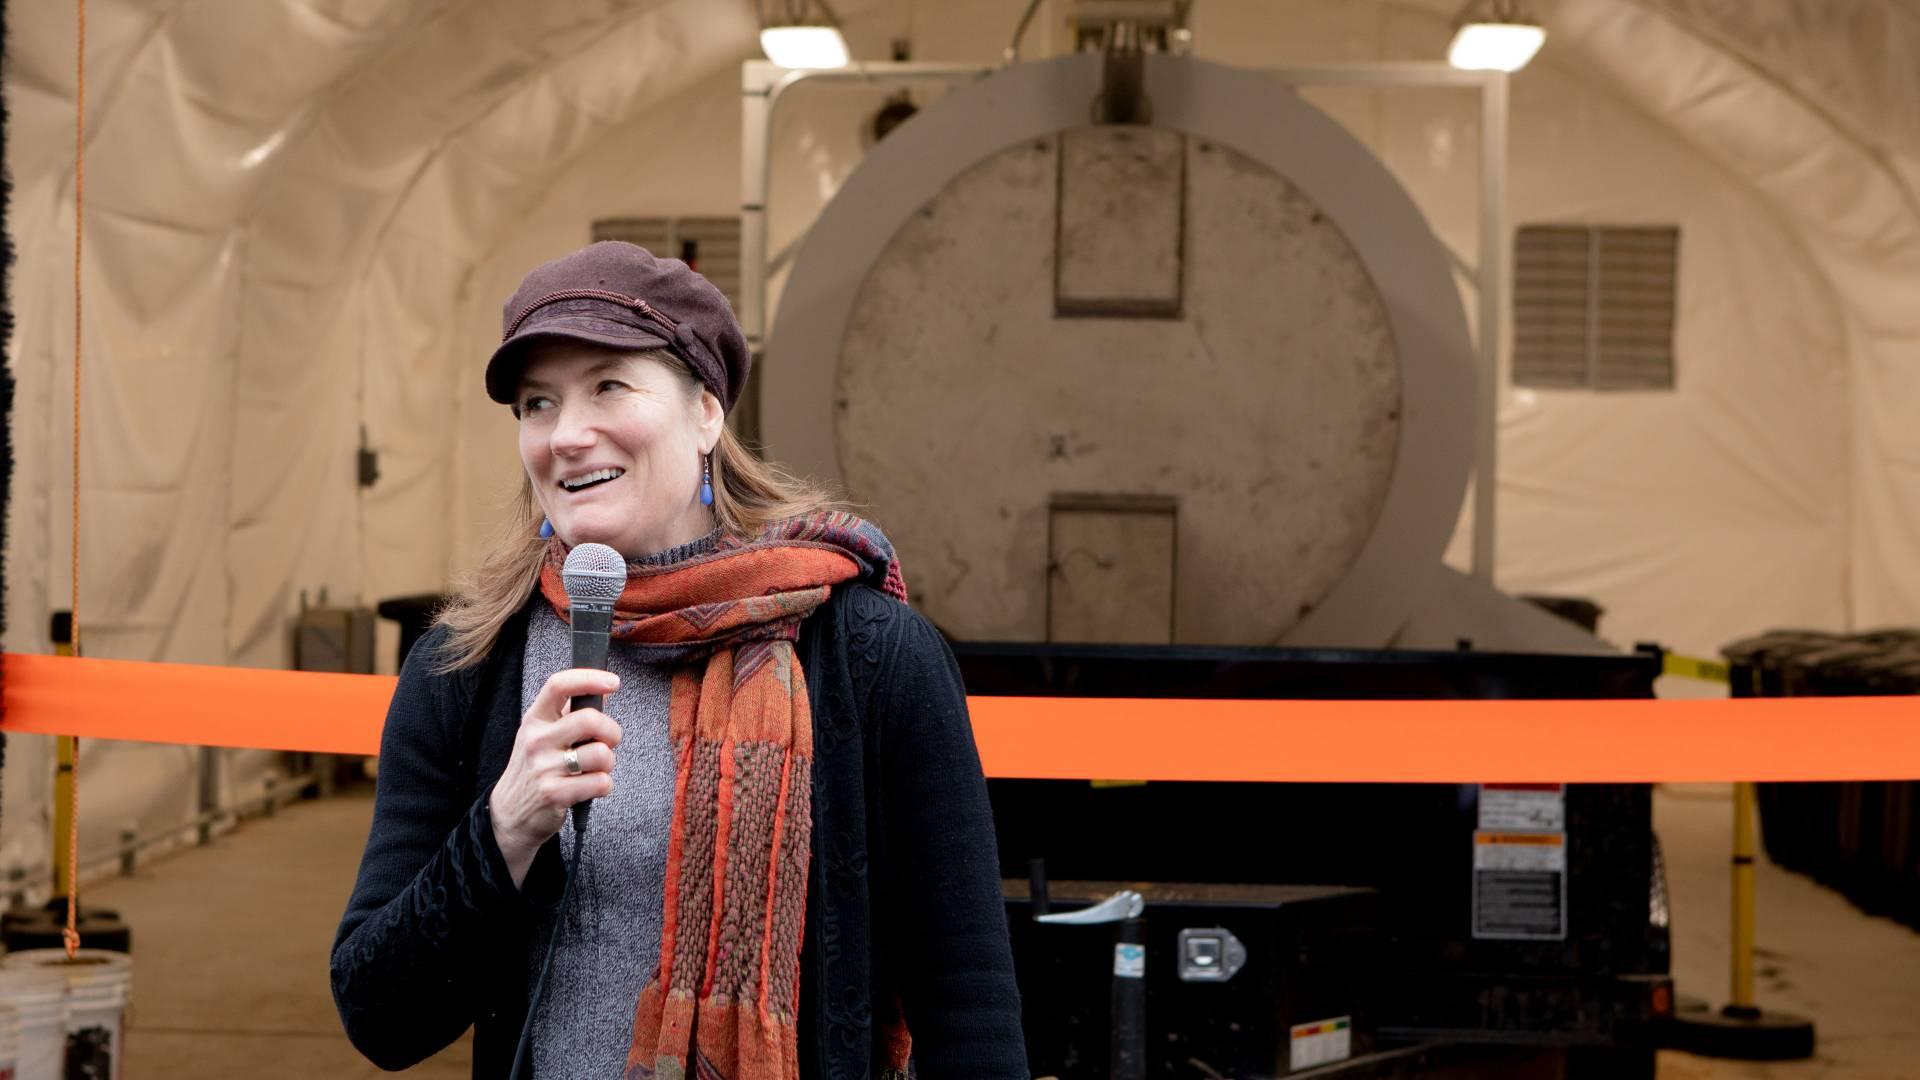 Shana Weber in front of biodigester